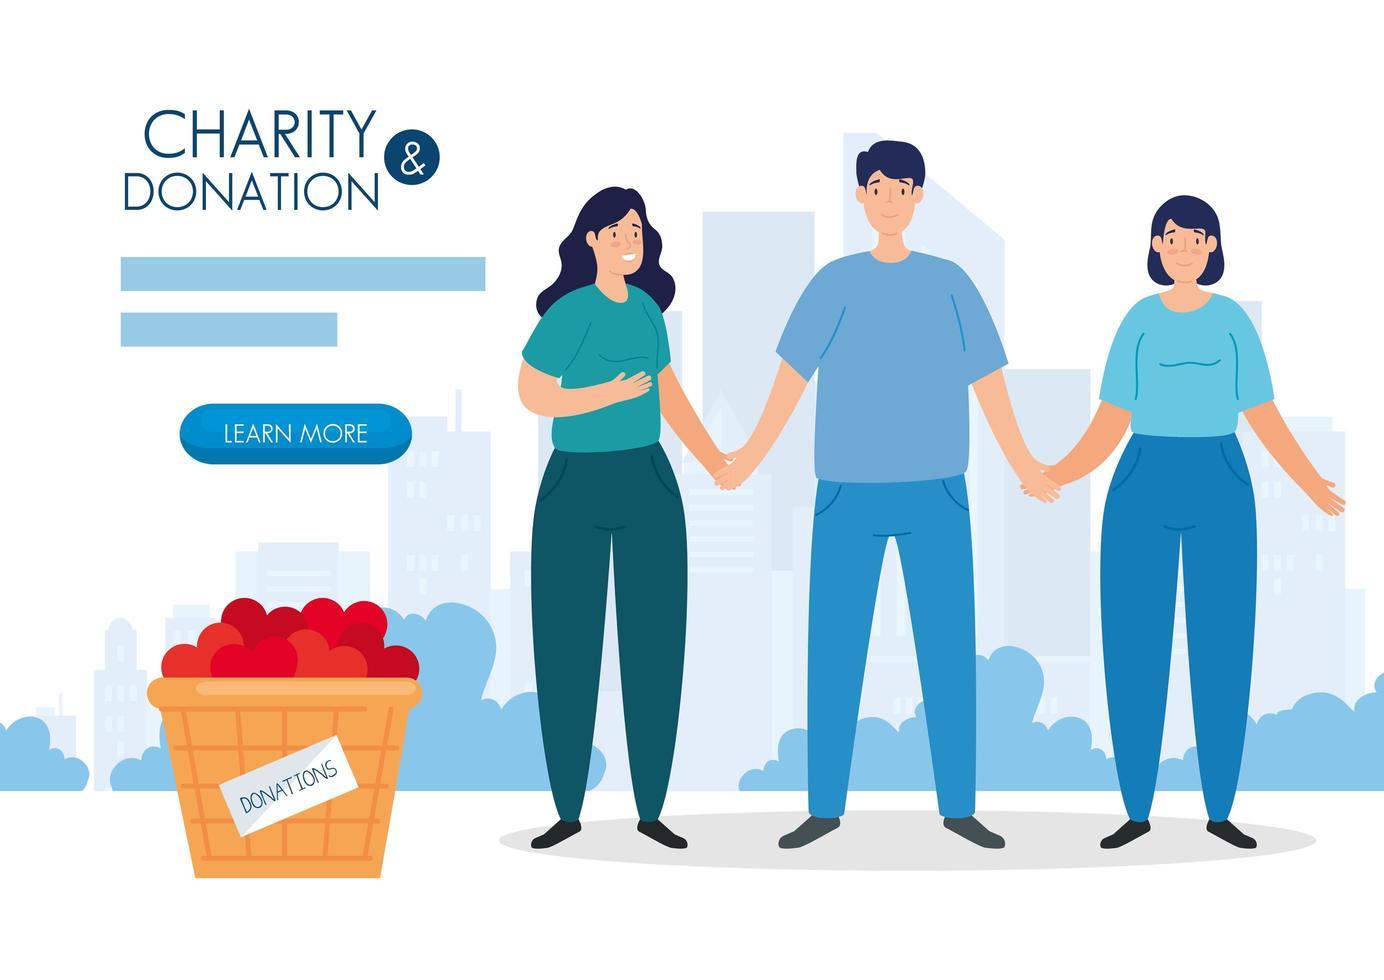 Menschen mit Korb für wohltätige Zwecke und Spenden vektor